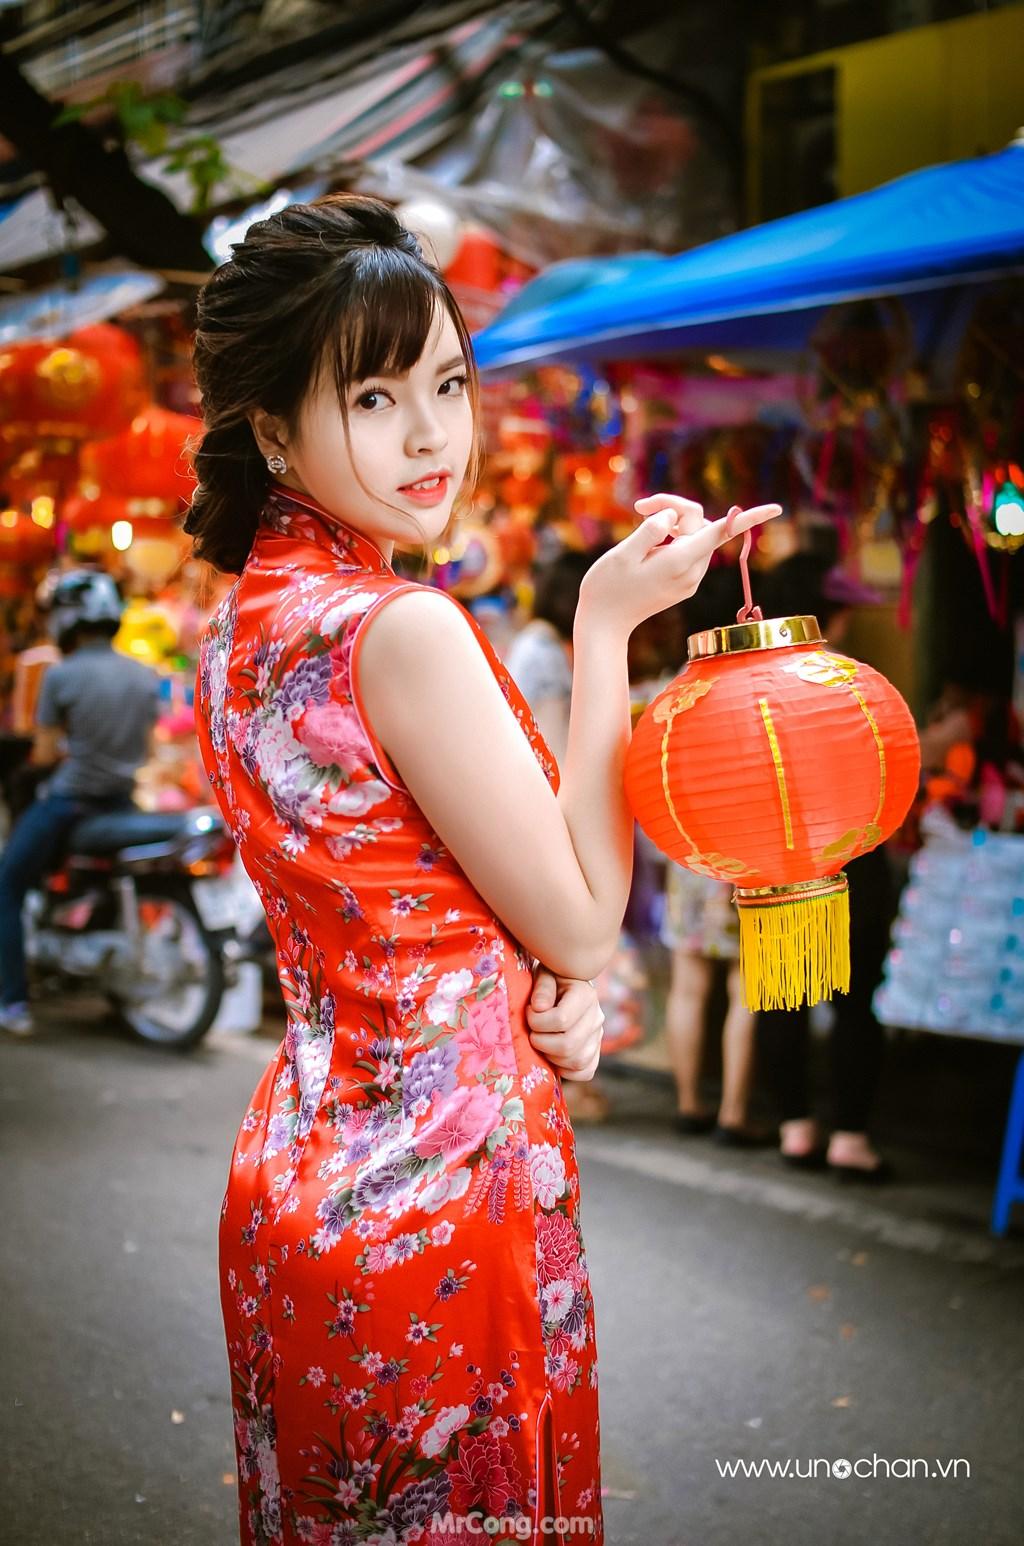 Image Vietnamese-Girls-by-Chan-Hong-Vuong-Uno-Chan-MrCong.com-100 in post Gái Việt duyên dáng, quyến rũ qua góc chụp của Chan Hong Vuong (250 ảnh)